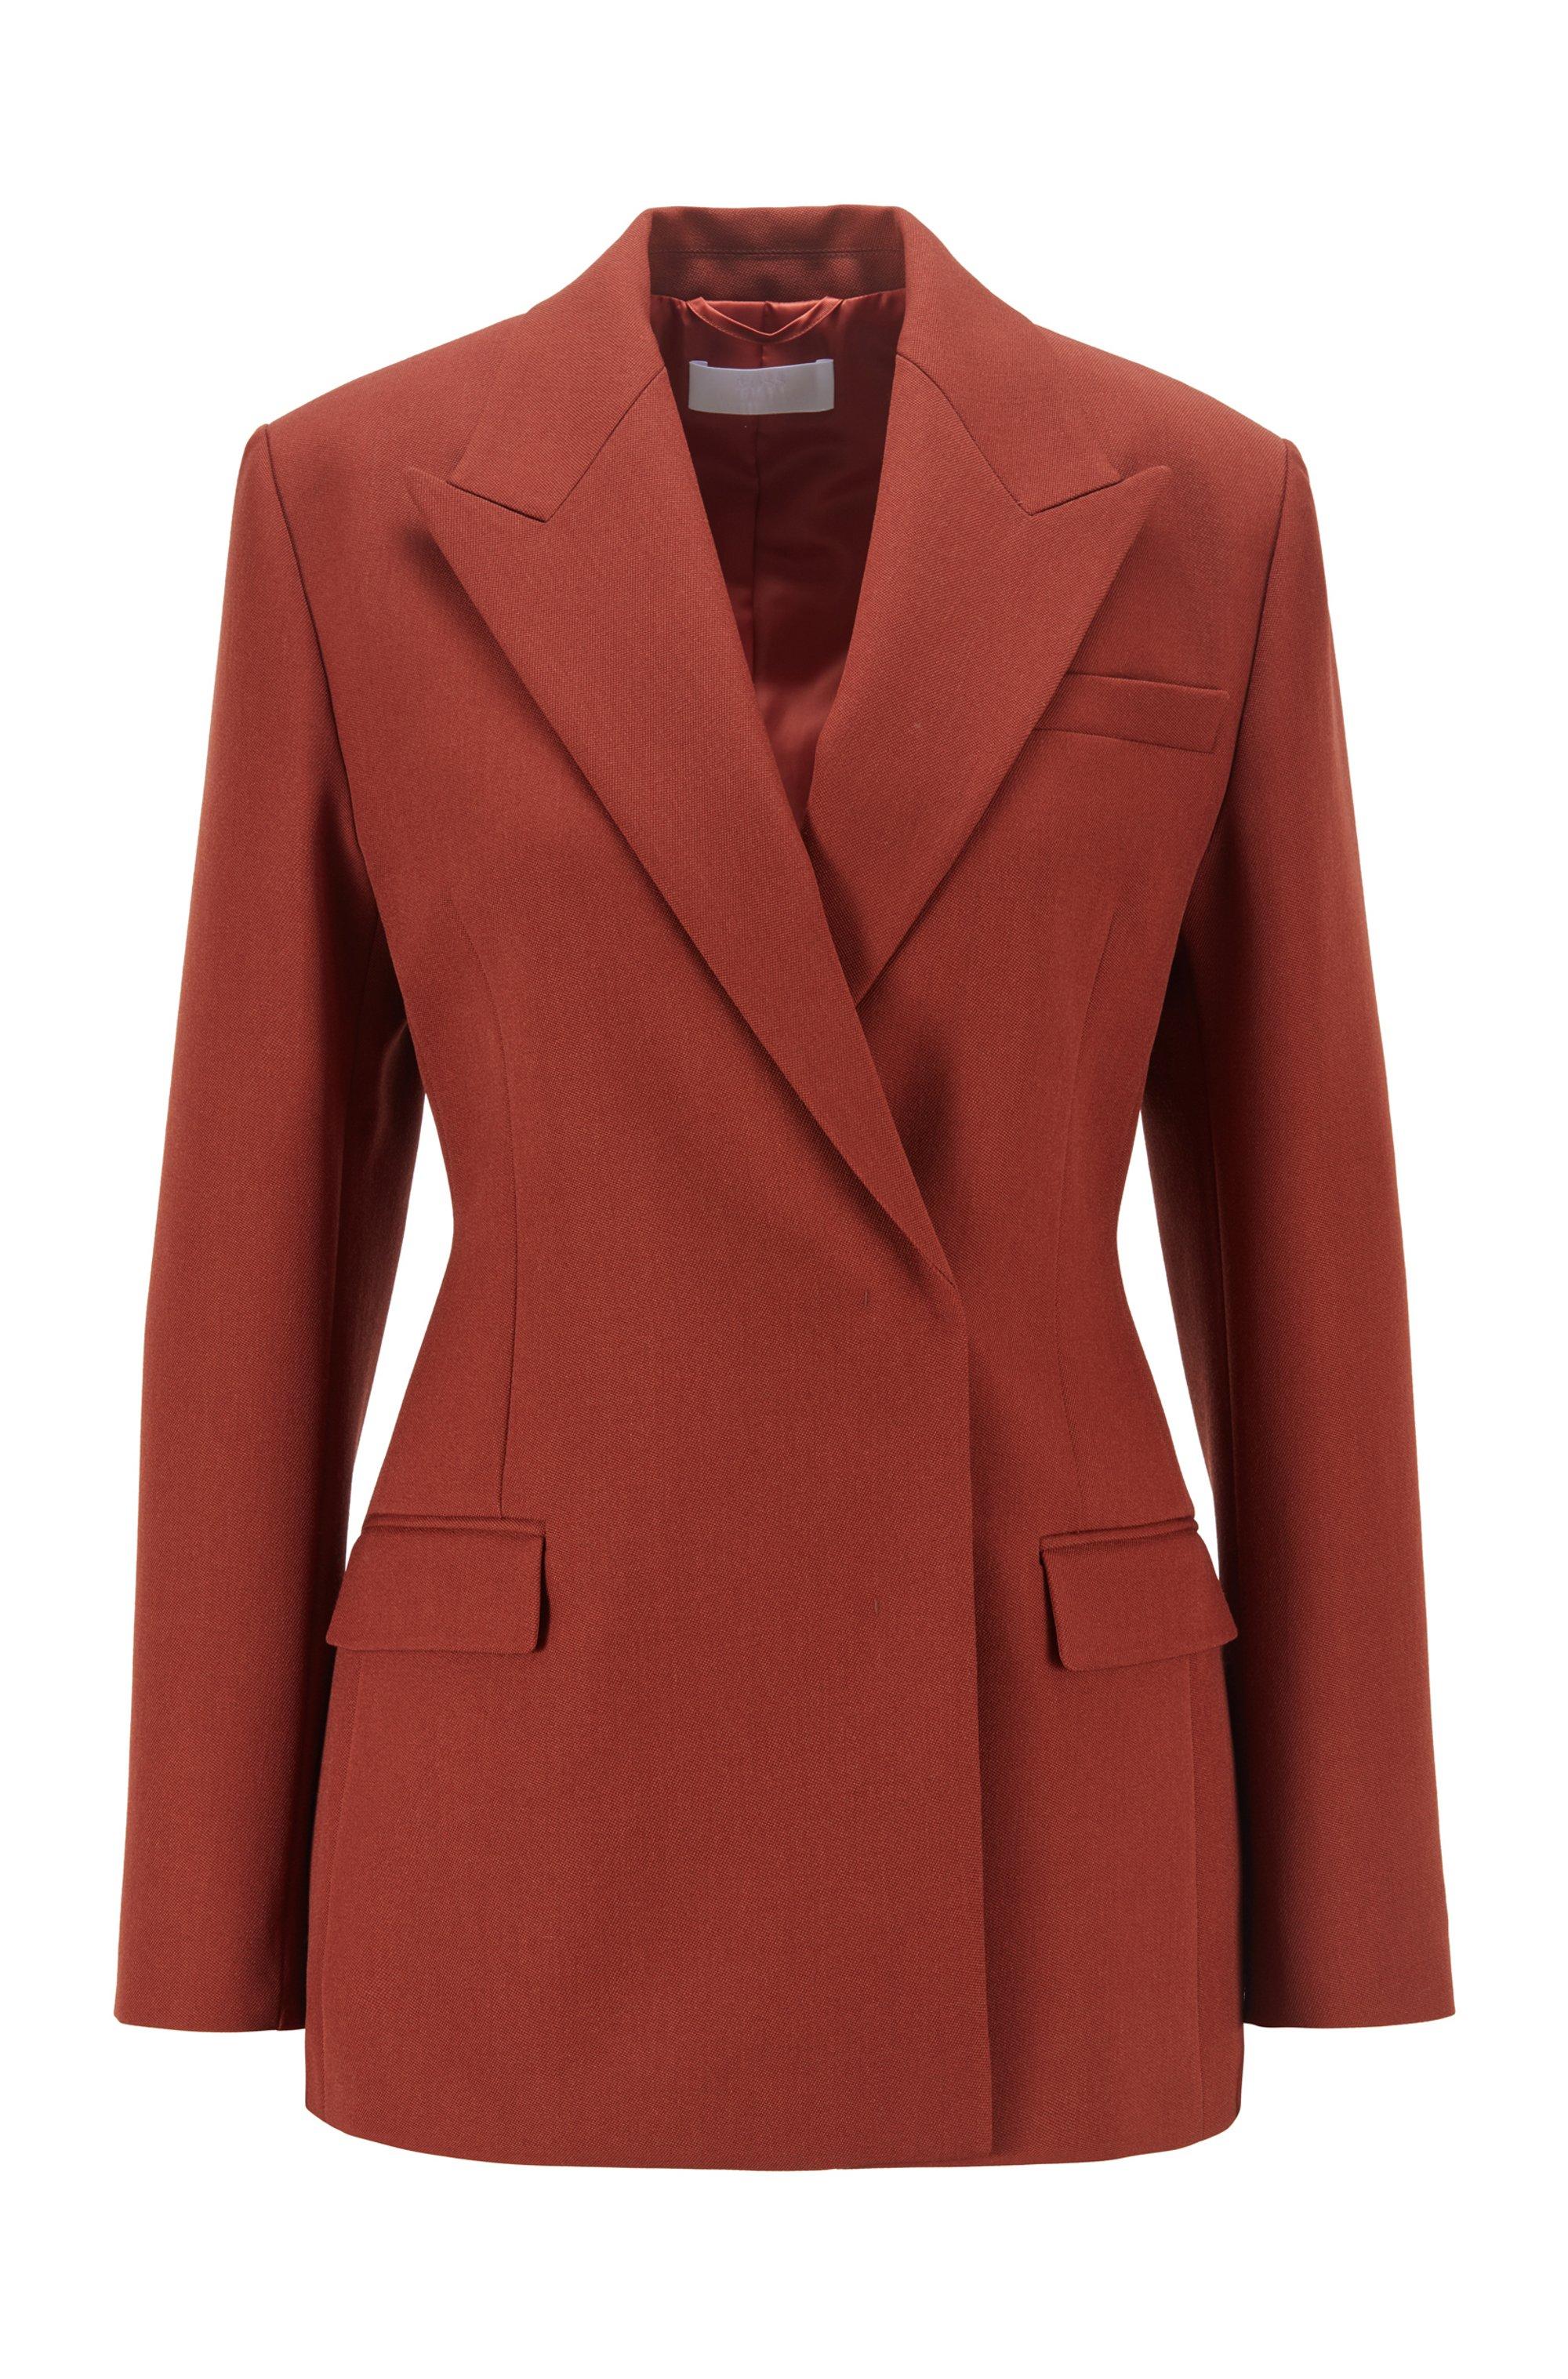 Regular-fit jacket in Italian virgin wool, Brown